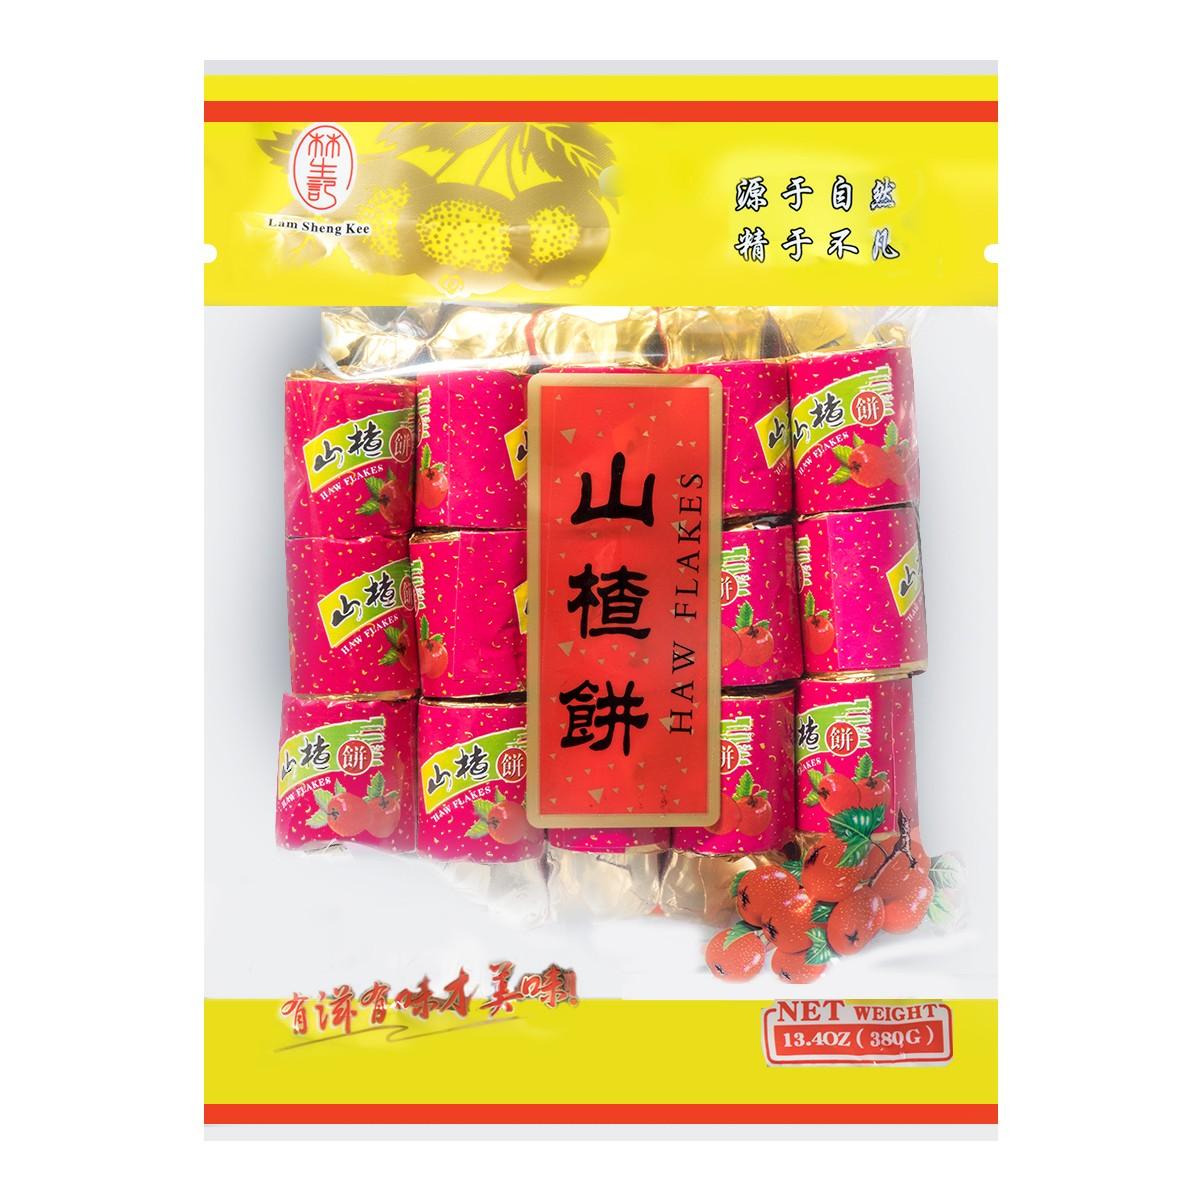 台湾林生记 山楂饼 大片分享装  380g